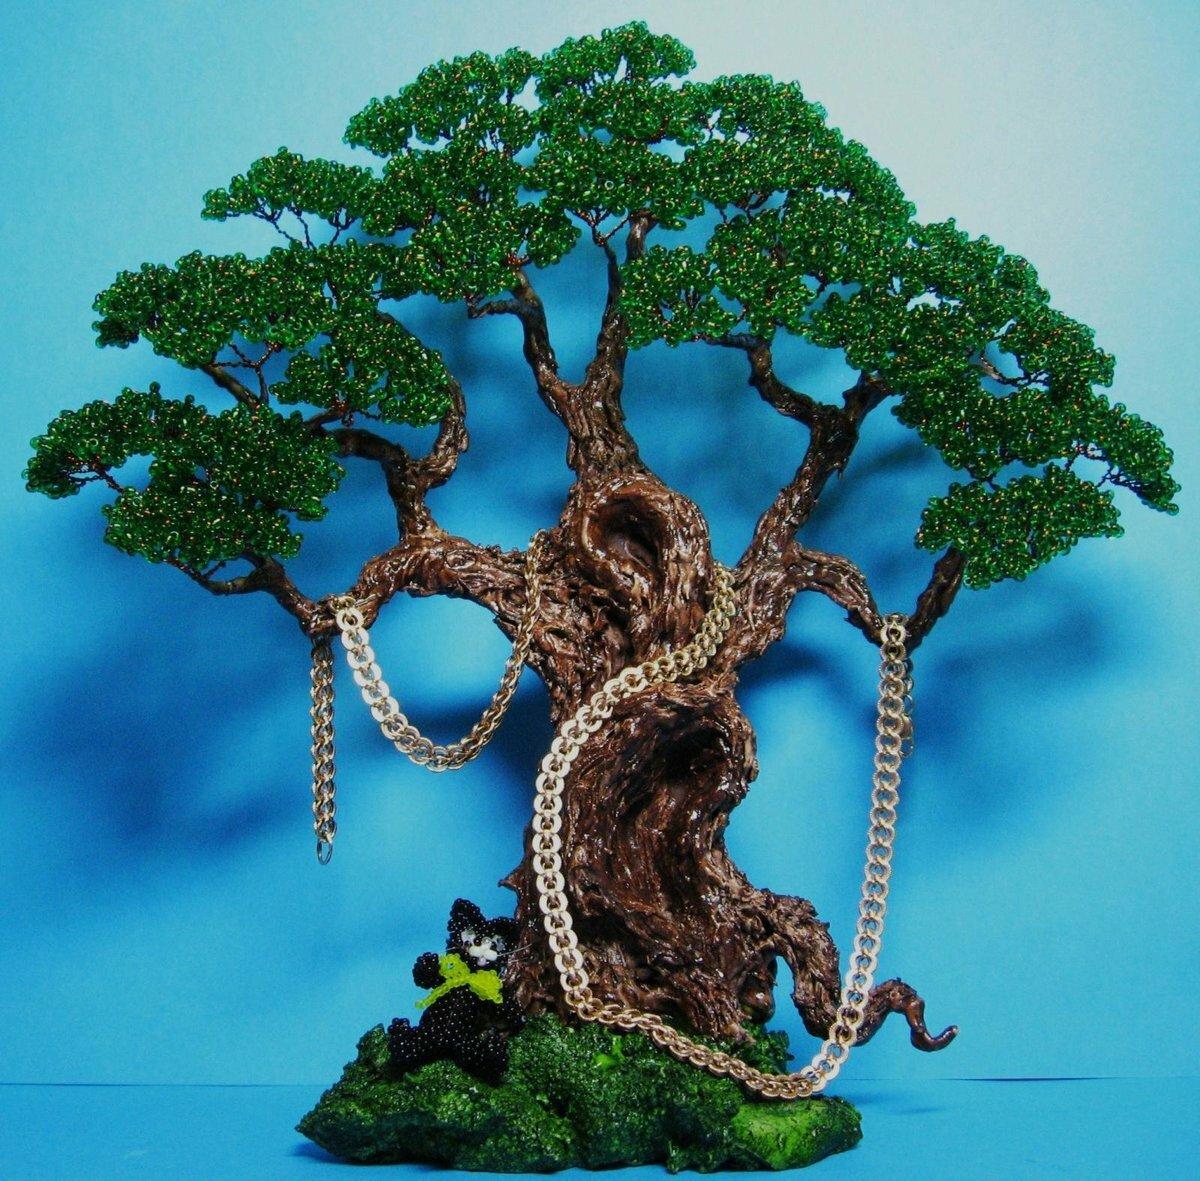 Дерево из бисера: схемы плетения и фото идеи, какие нужны материалы для работы, мастер-класс для начинающих.